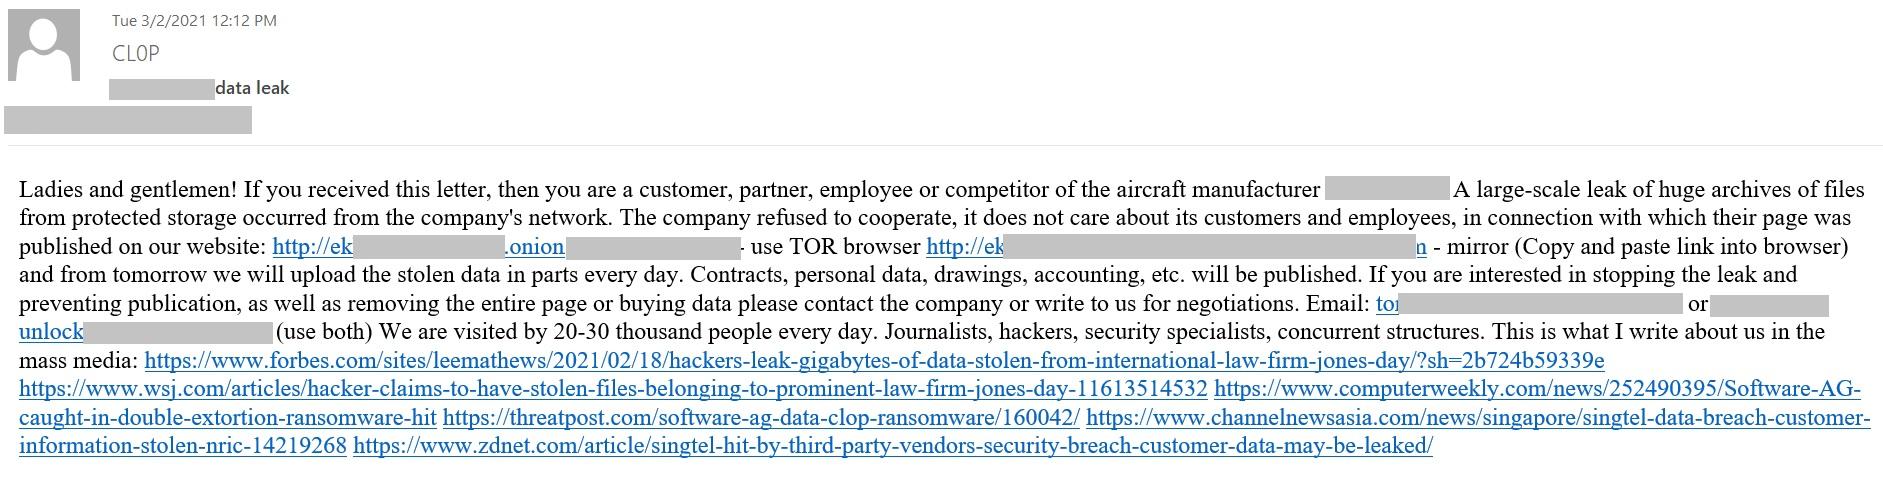 Correo electrónico de los atacantes a los empleados, clientes, socios y a la competencia